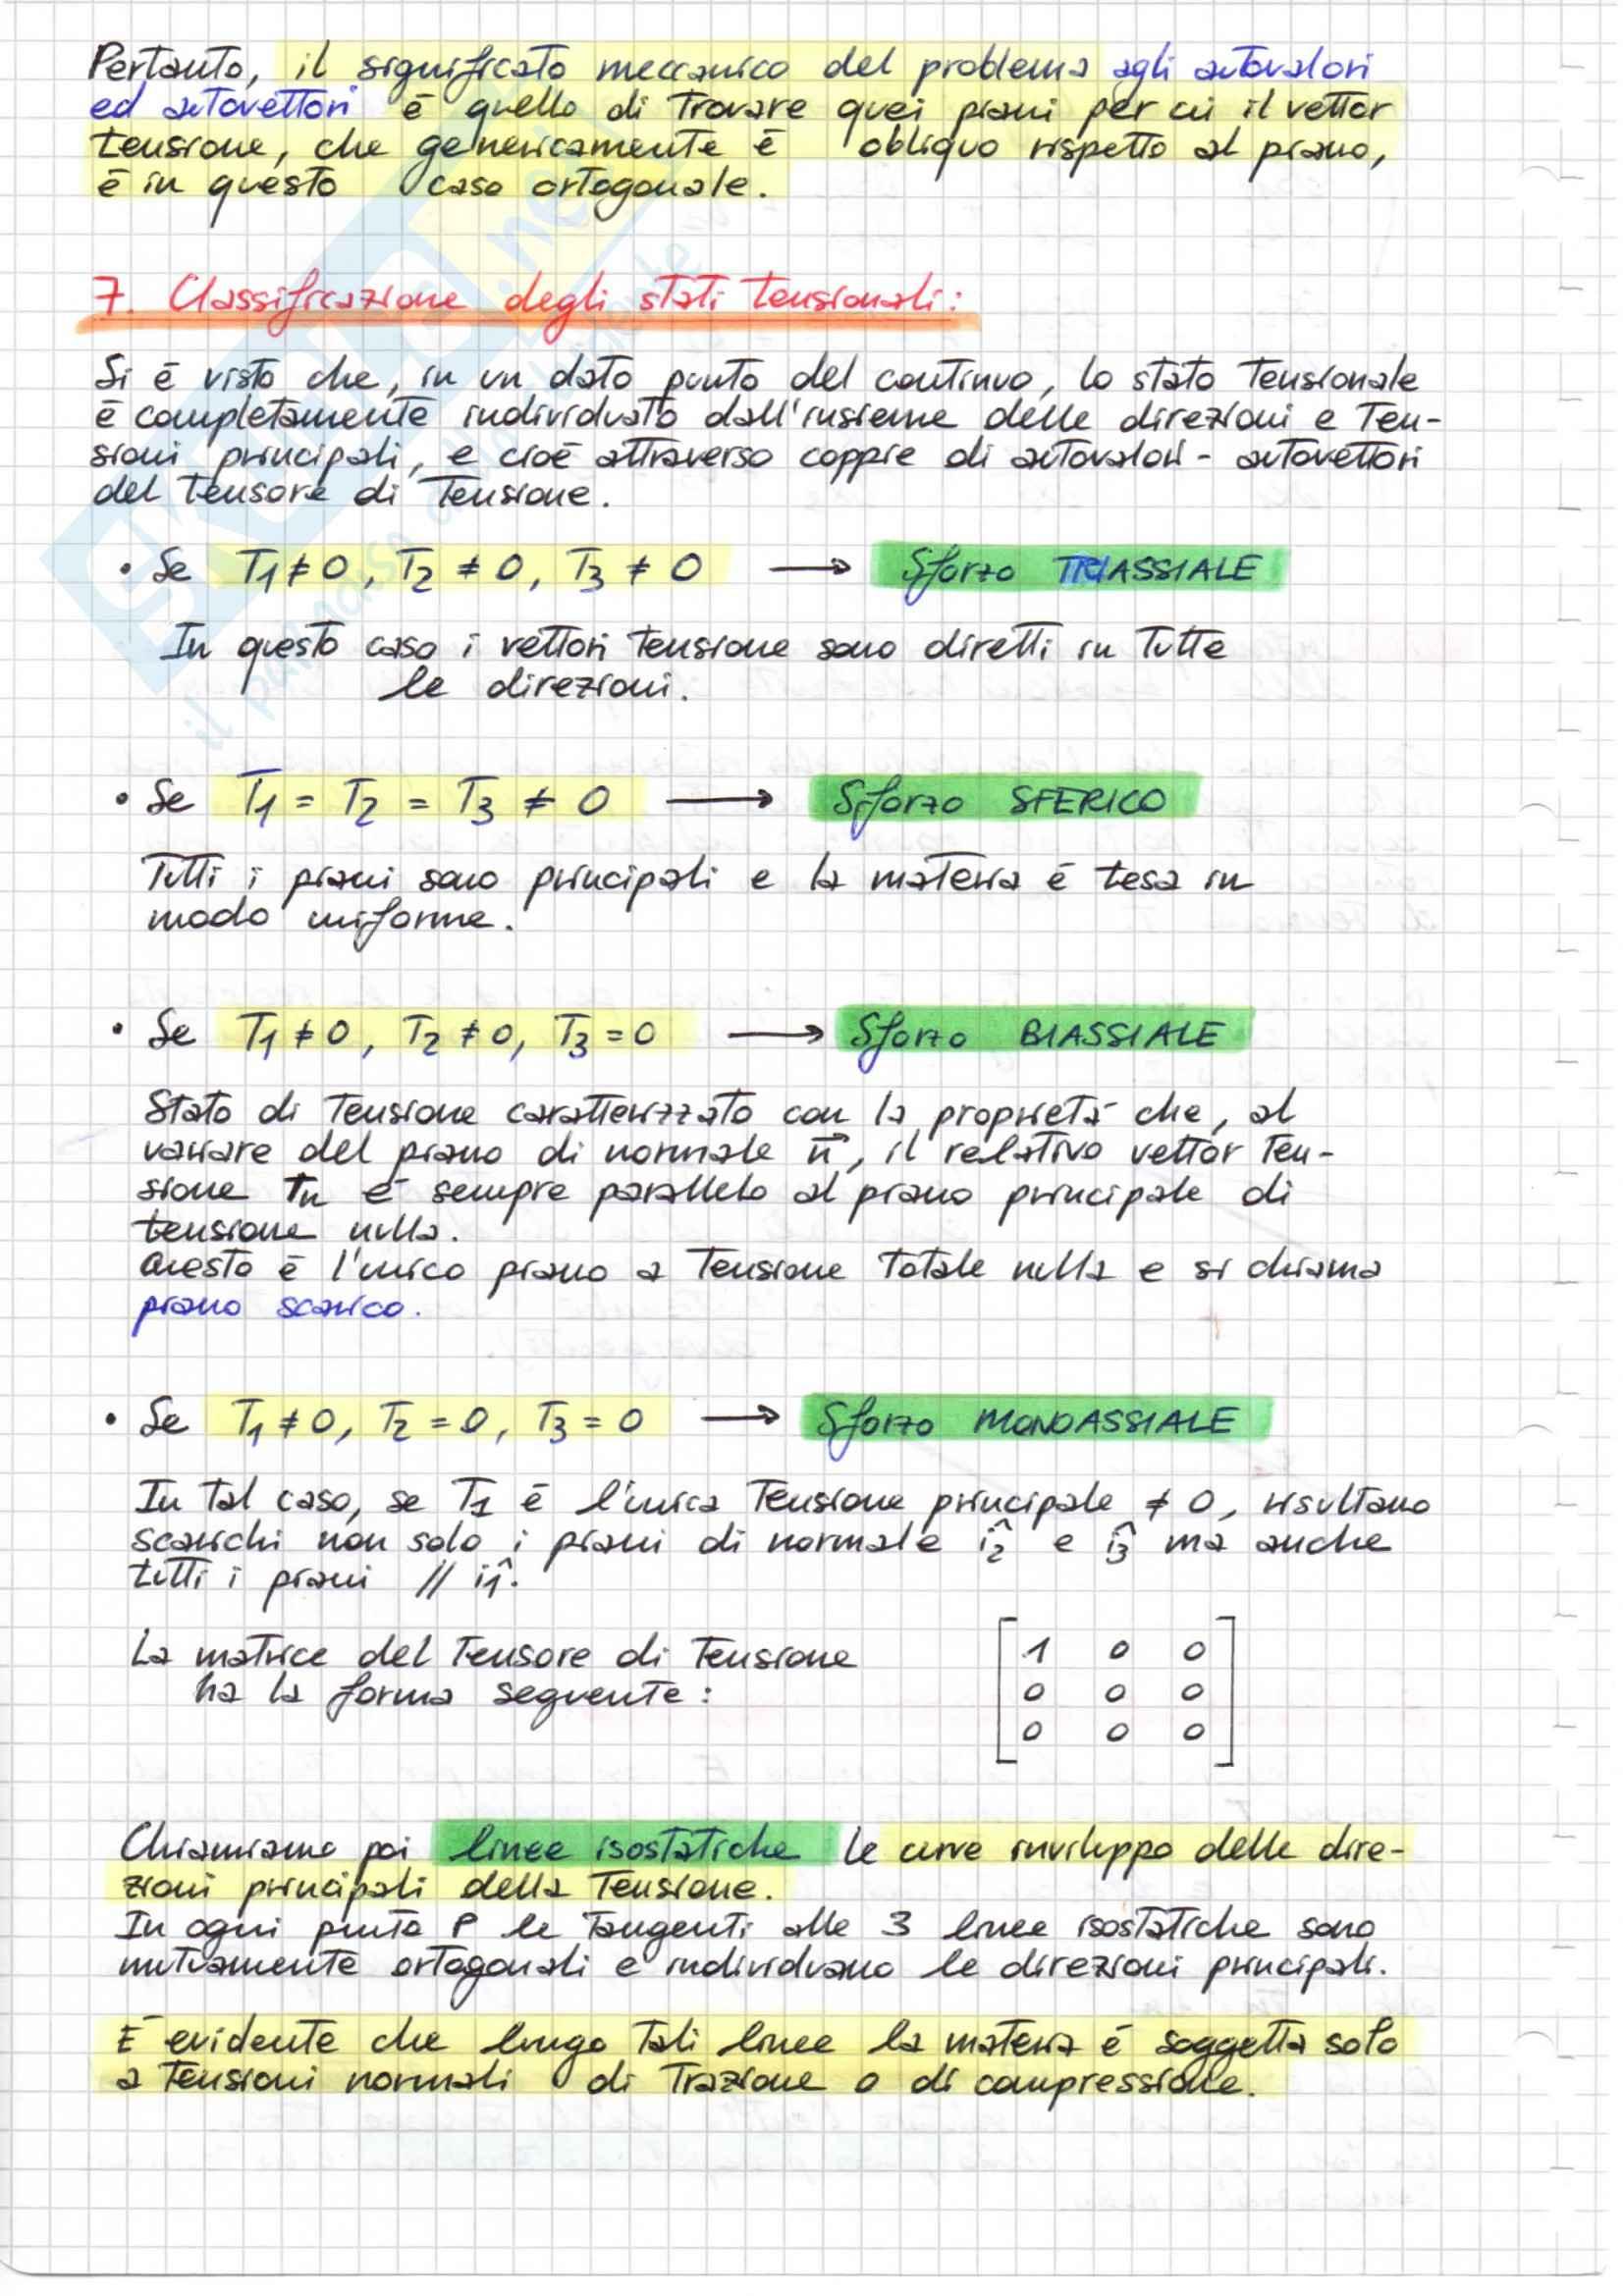 TEORIA COMPLETA, Scienza delle Costruzioni Pag. 16